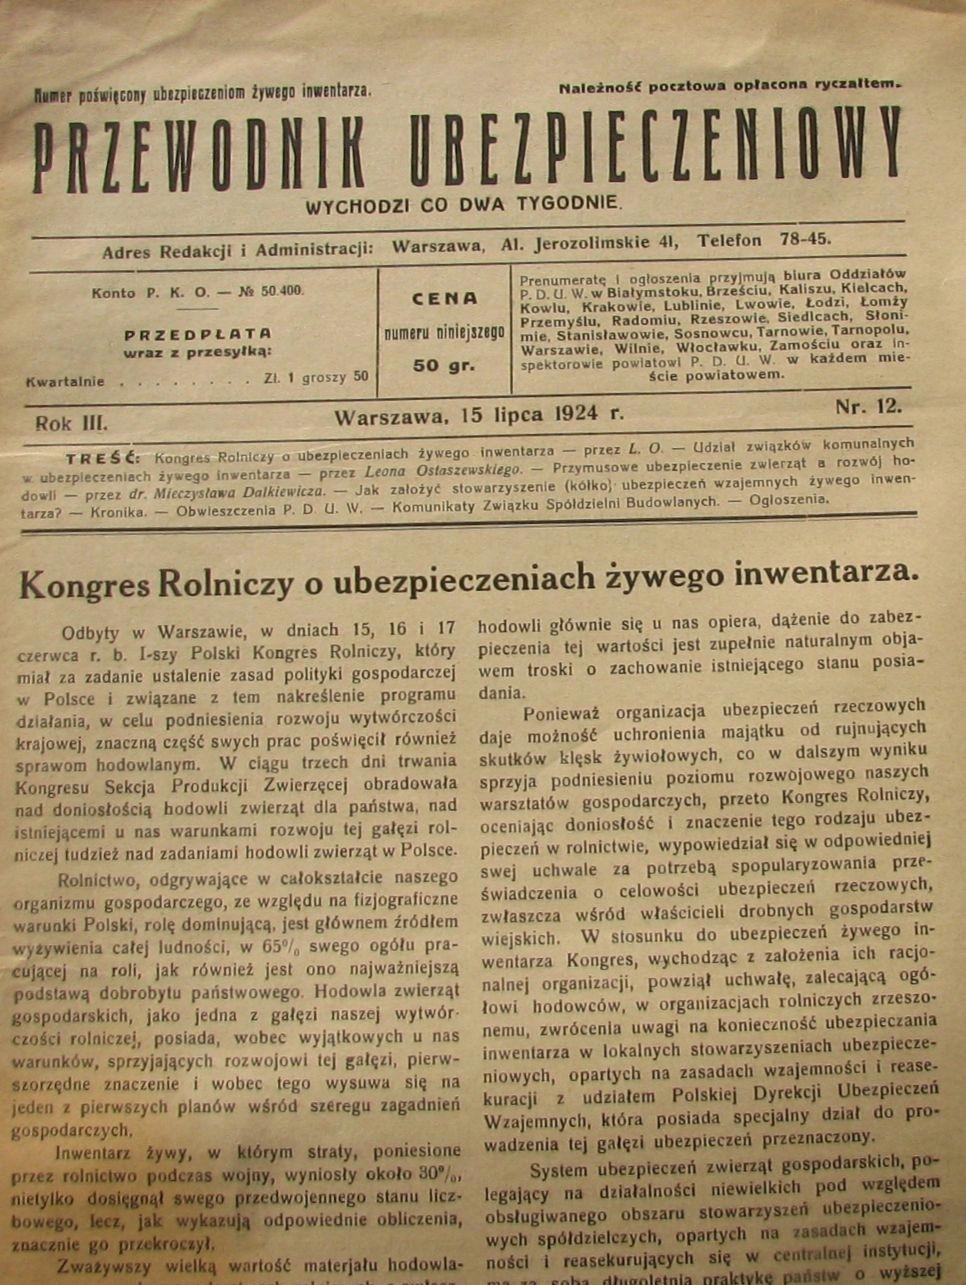 STEFCZYK PRZEWODNIK UBEZPIECZENIOWY 1924 Nr 12